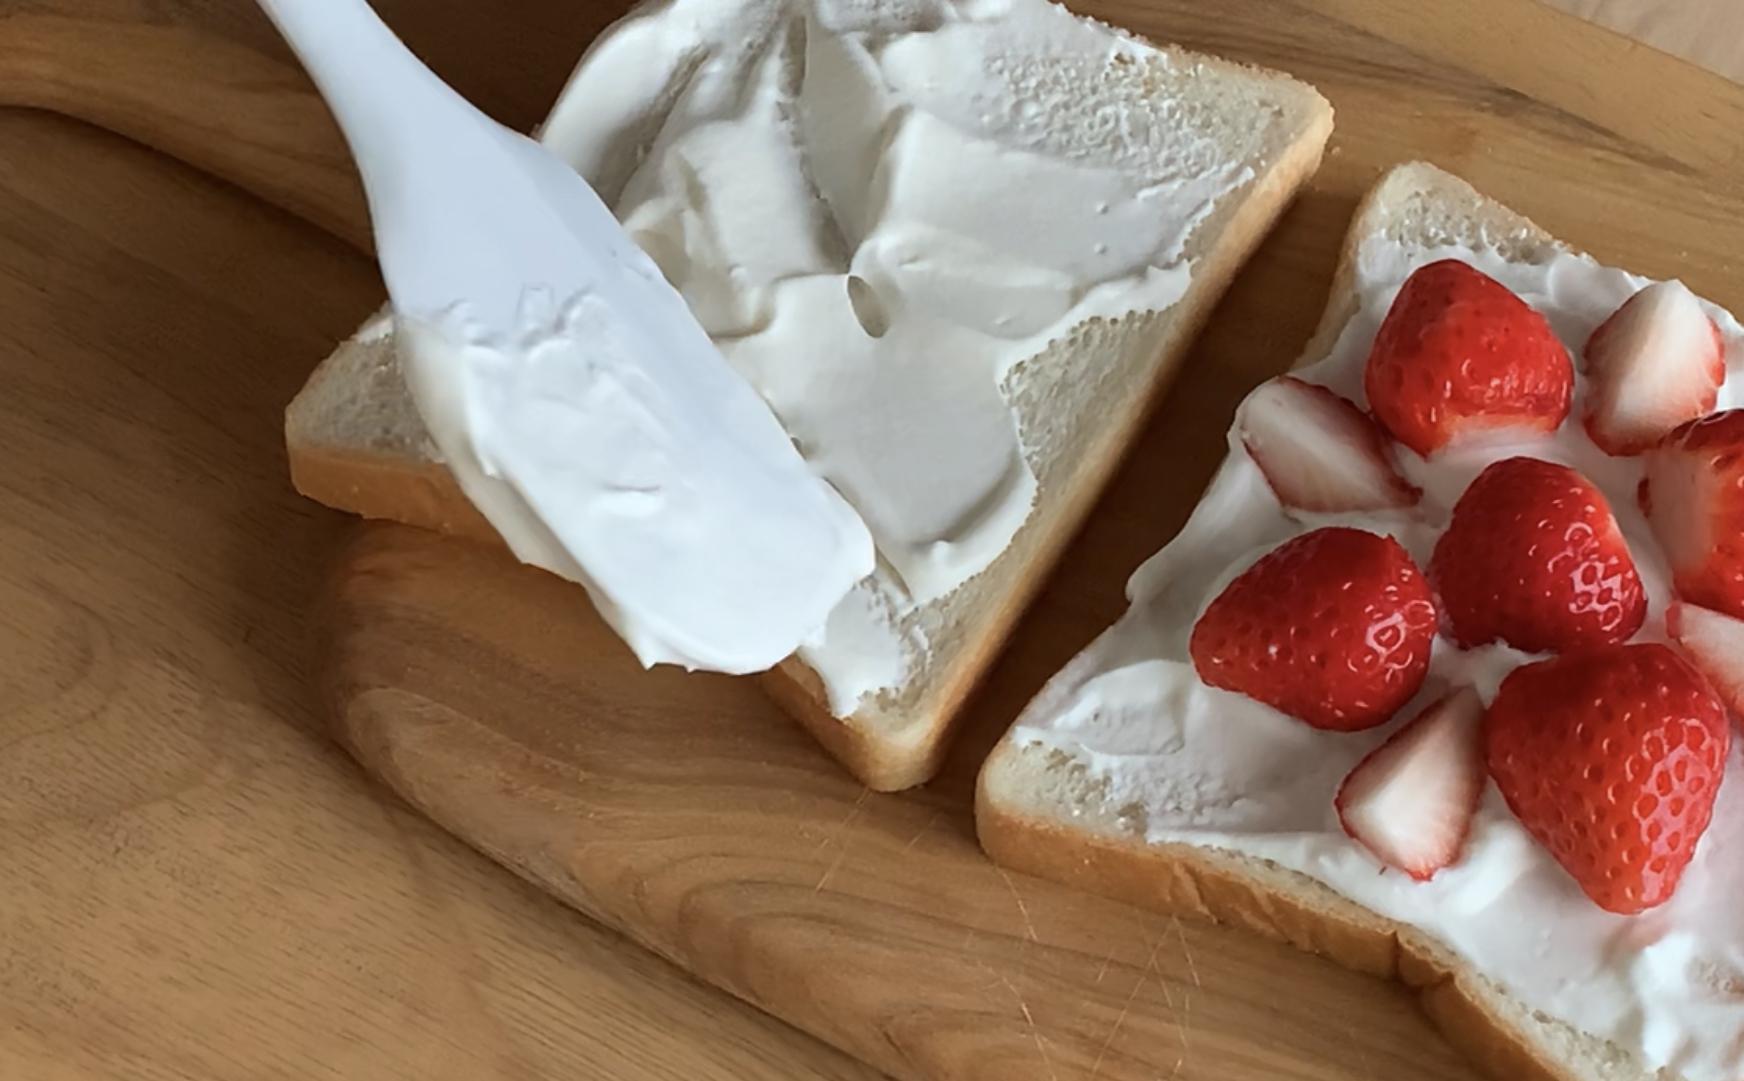 いちごのフルーツサンド♪いちごの並べ方と食パンに生クリームを塗っている写真♪